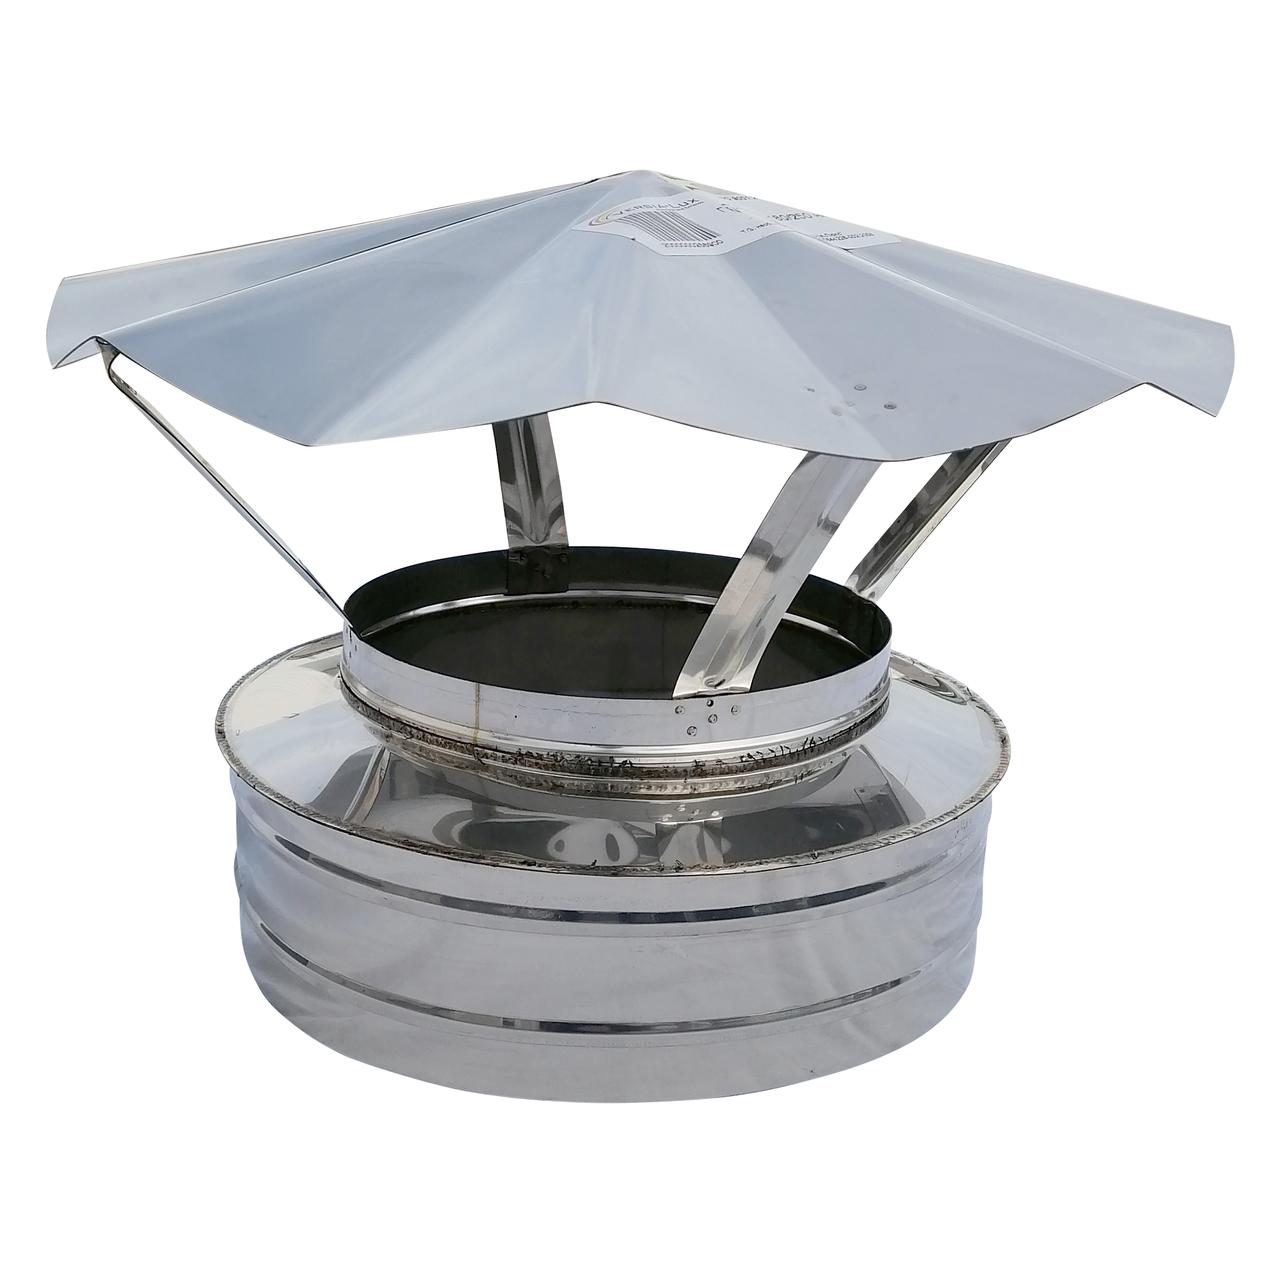 Грибок-термо ø220 мм из нержавеющей стали AISI 304 для дымохода вентиляции дымоходный Версия-Люкс